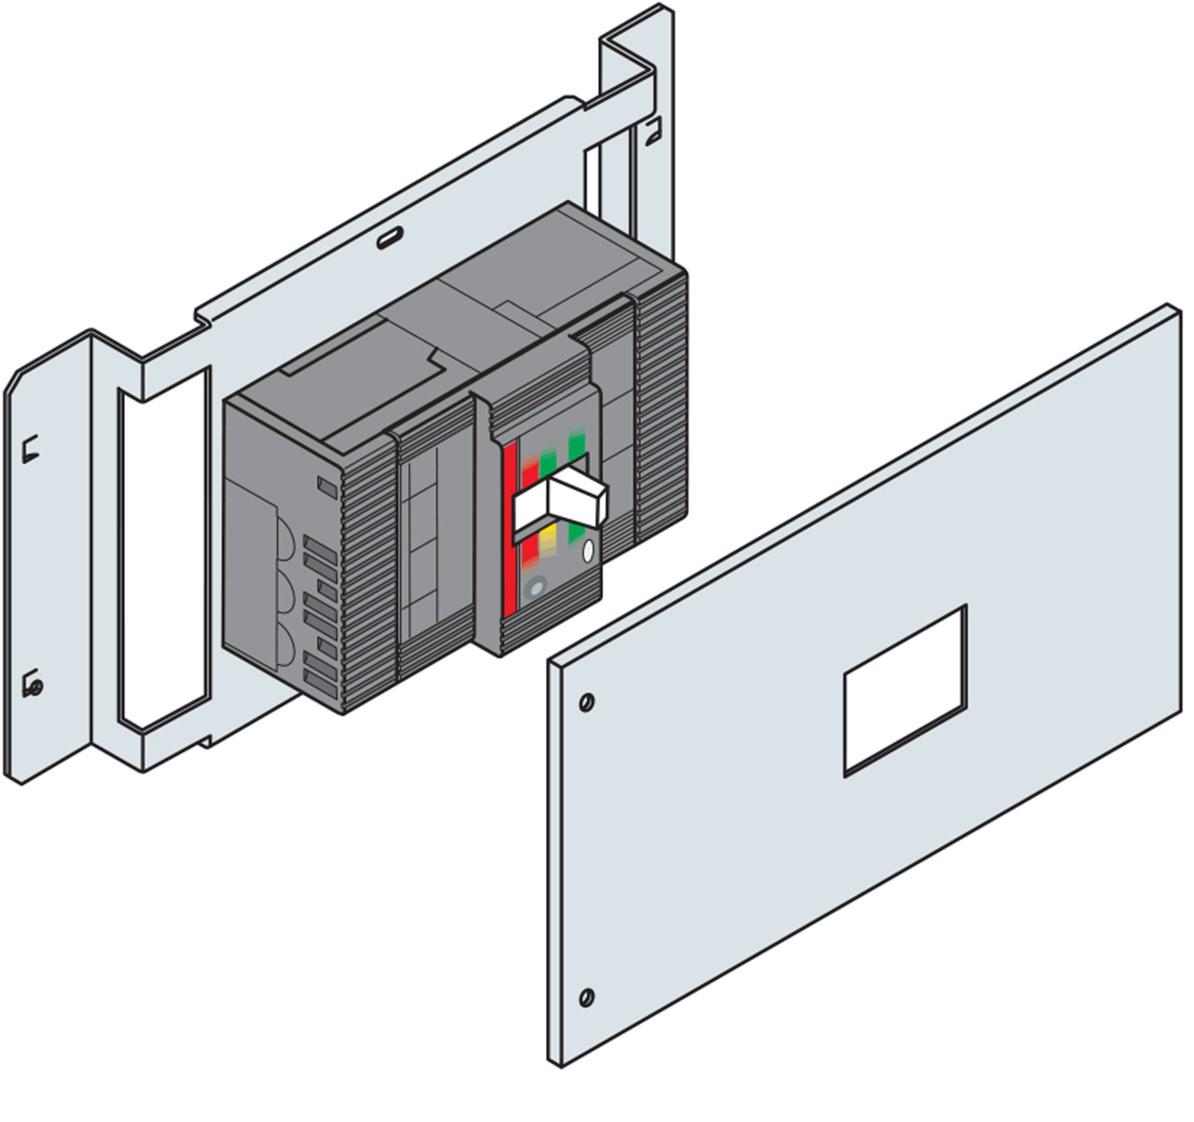 KIT PAV/PAR T1 KIT INSTALLAZIONE ORIZZONTALE CON DIFFERENZIALE 4P - ABB LK1004